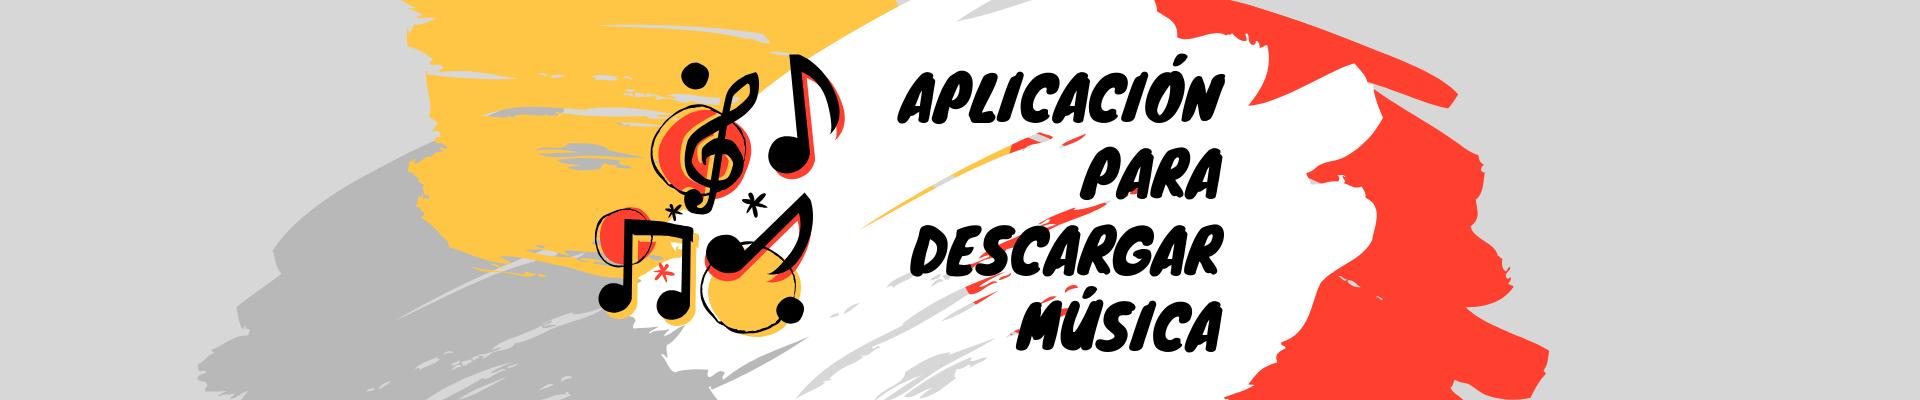 Aplicación para descargar música